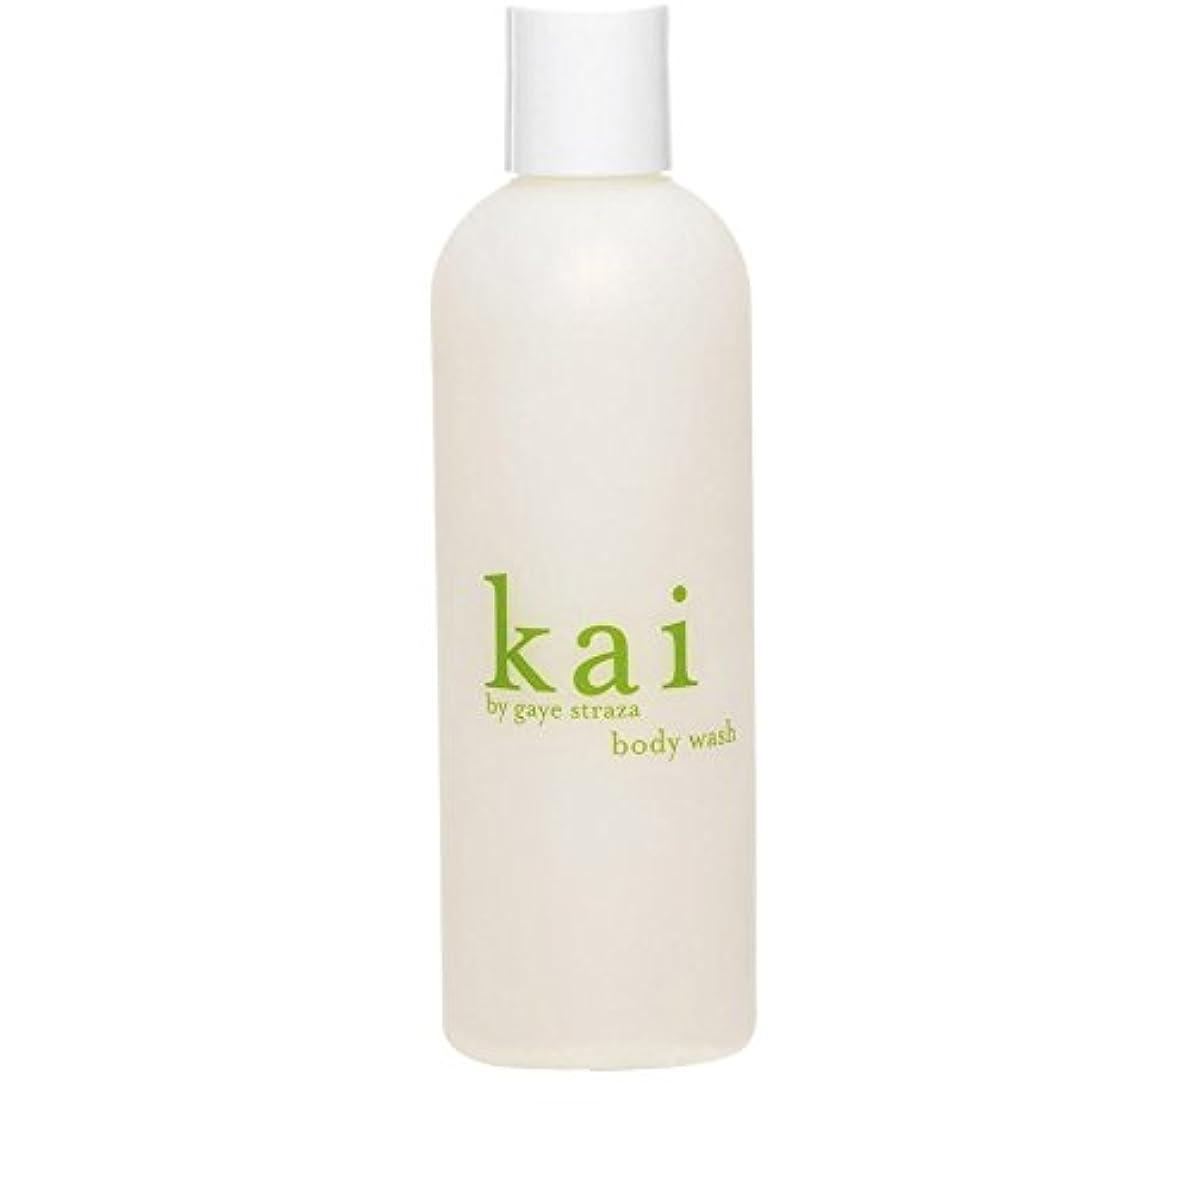 複雑無限大増幅するKai by Gaye Straza Kai Body Wash 235ml (Pack of 6) - ゲイ?ストラザ会ボディウォッシュ235ミリリットルによって会 x6 [並行輸入品]